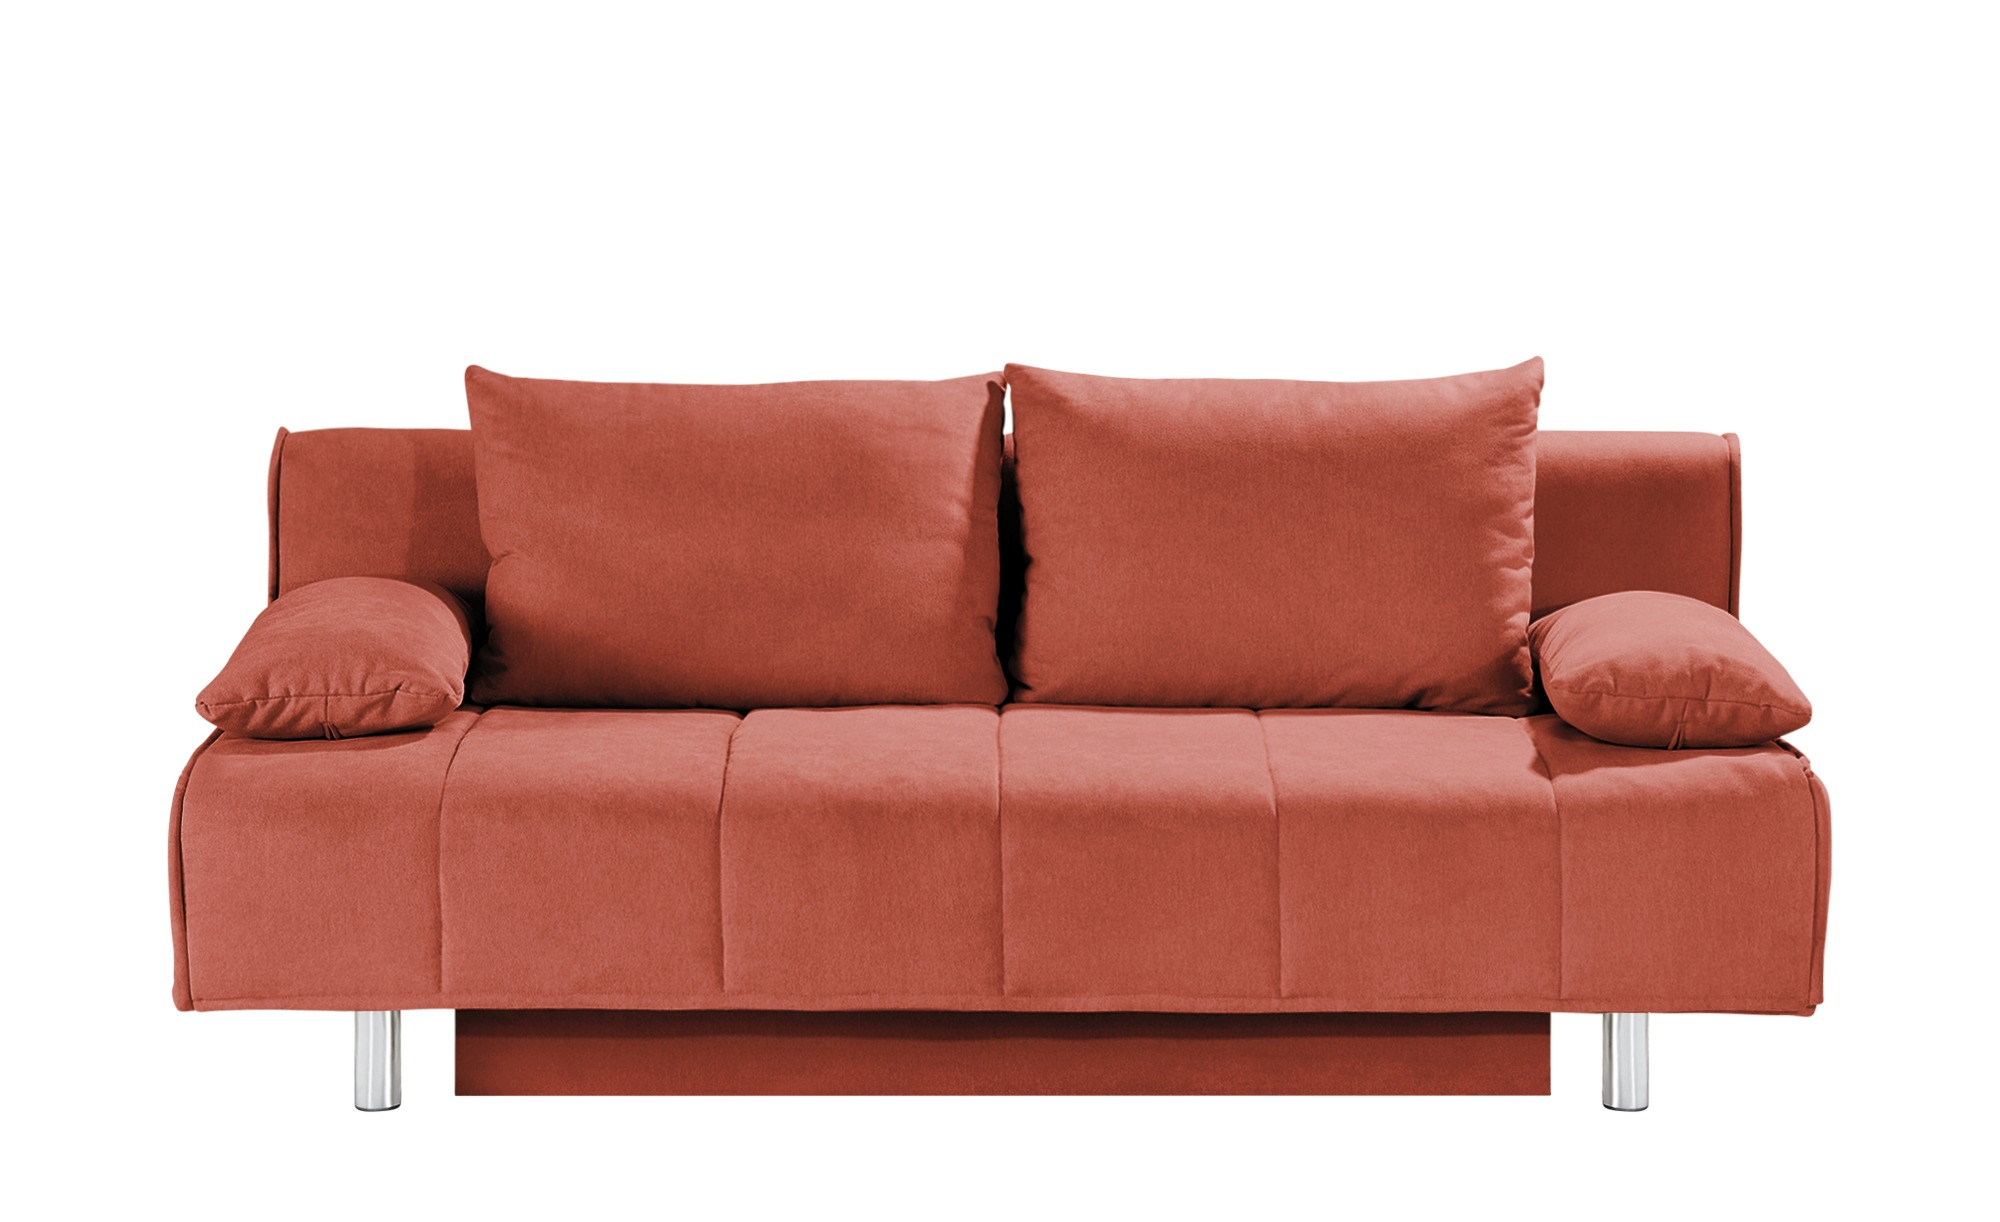 smart Schlafsofa orange - Webstoff Alina ¦ orange ¦ Maße (cm): B: 200 H: 90 T: 100 Polstermöbel > Sofas > 2-Sitzer - Höffner